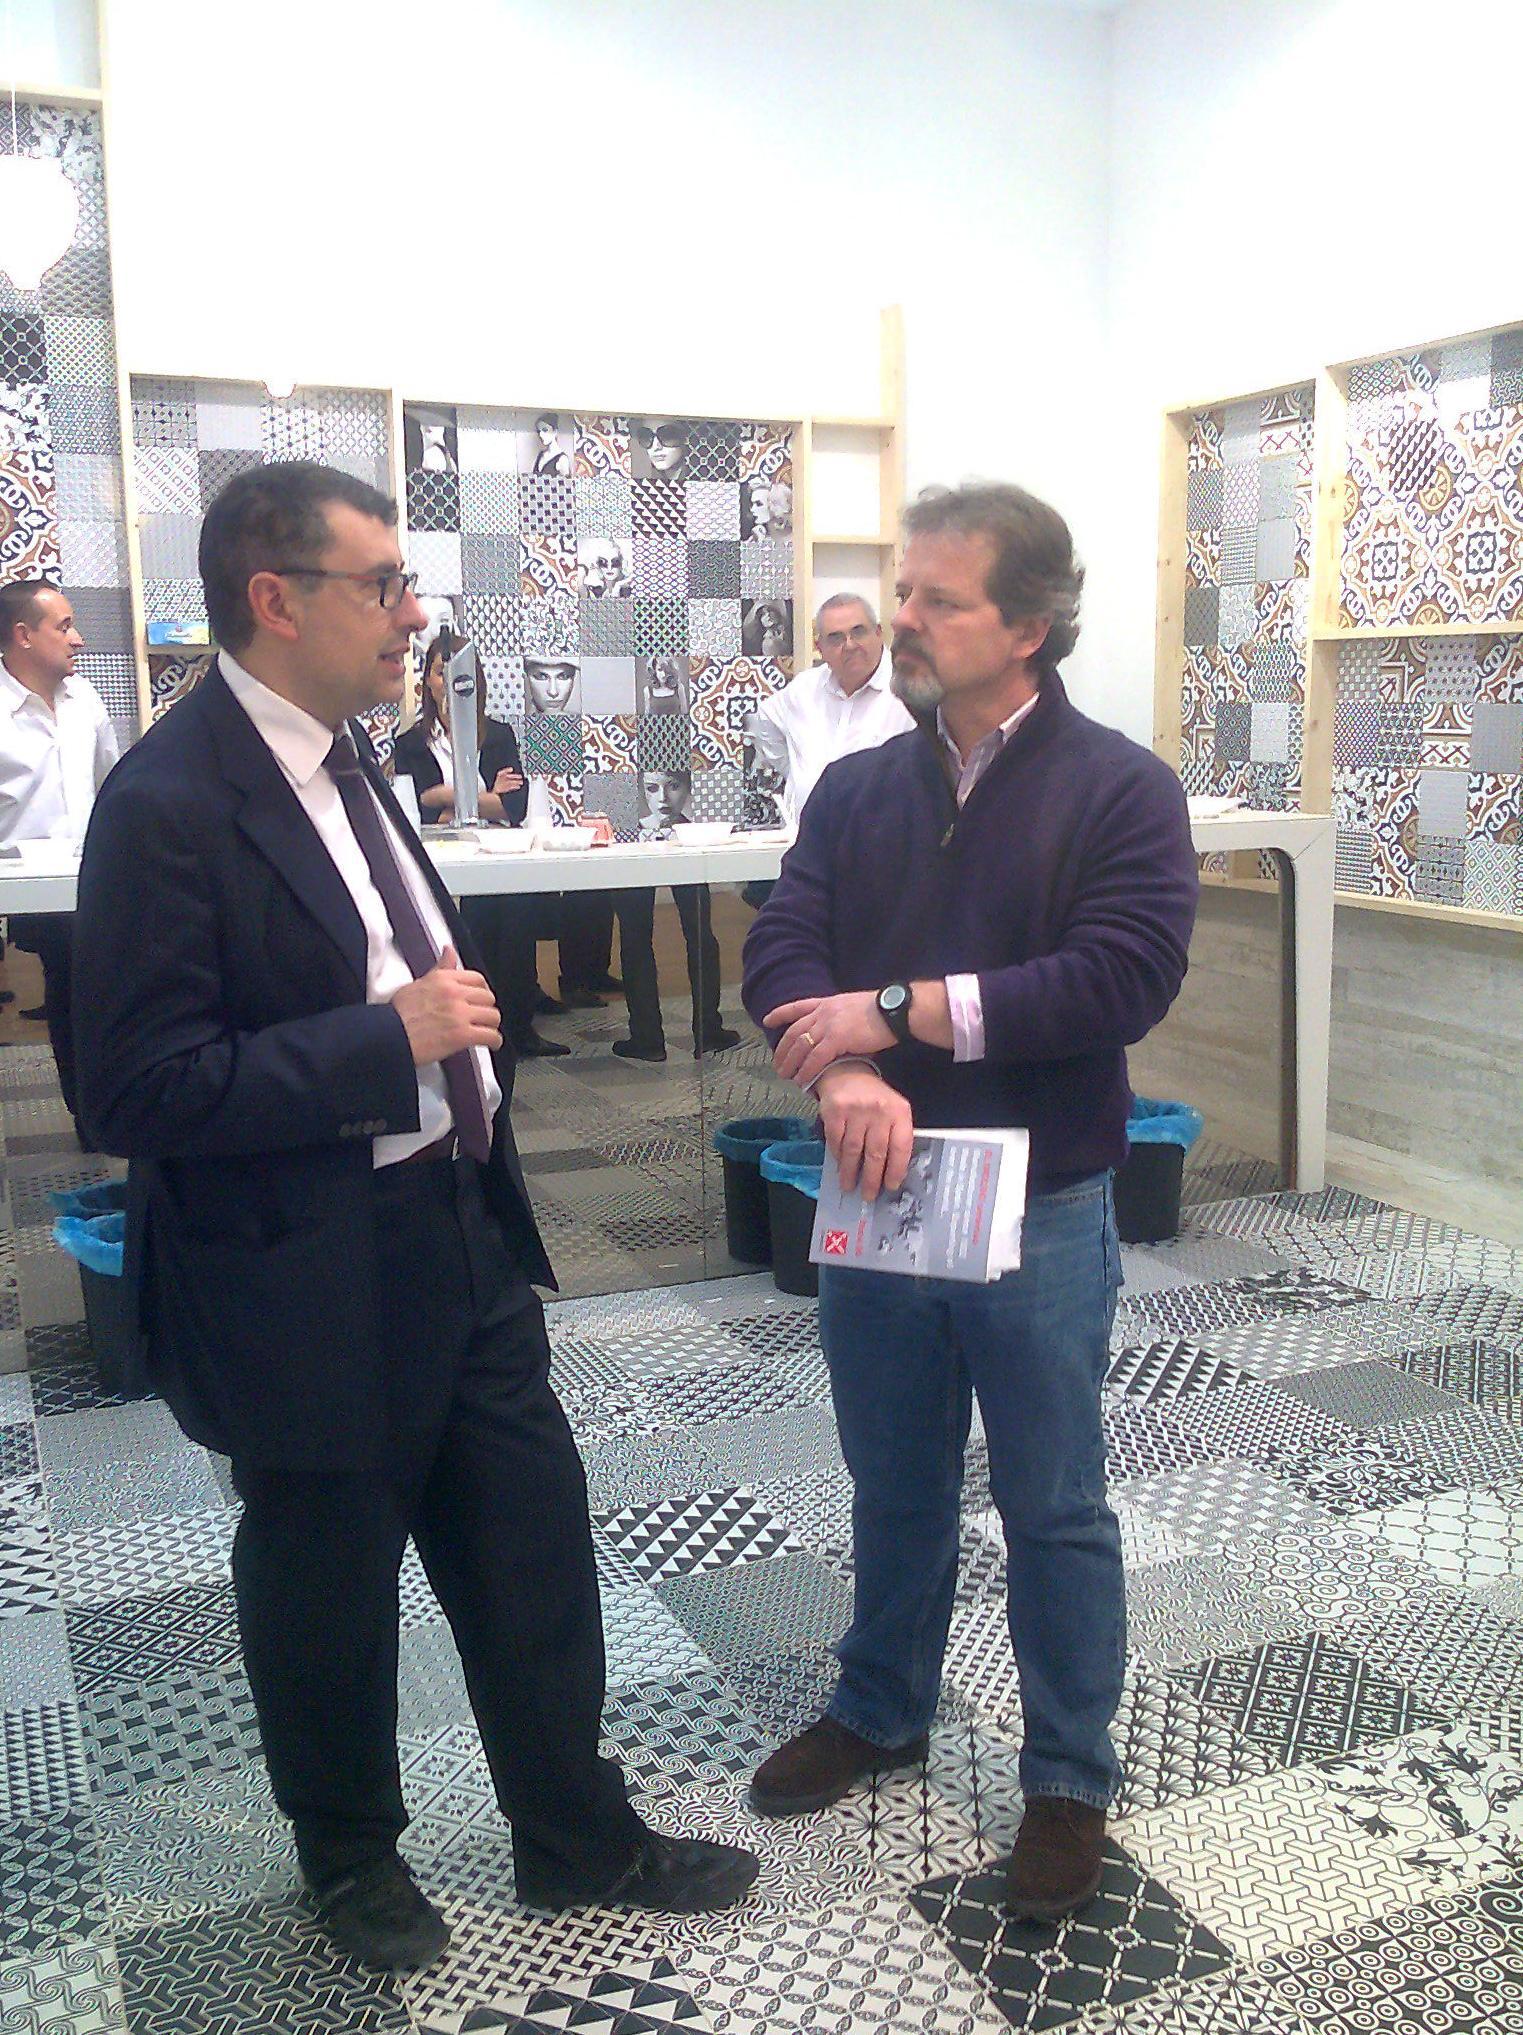 CEVISAMA 2013. En el stand de Cerámicas Aparici con el Sr. Pruñonosa.